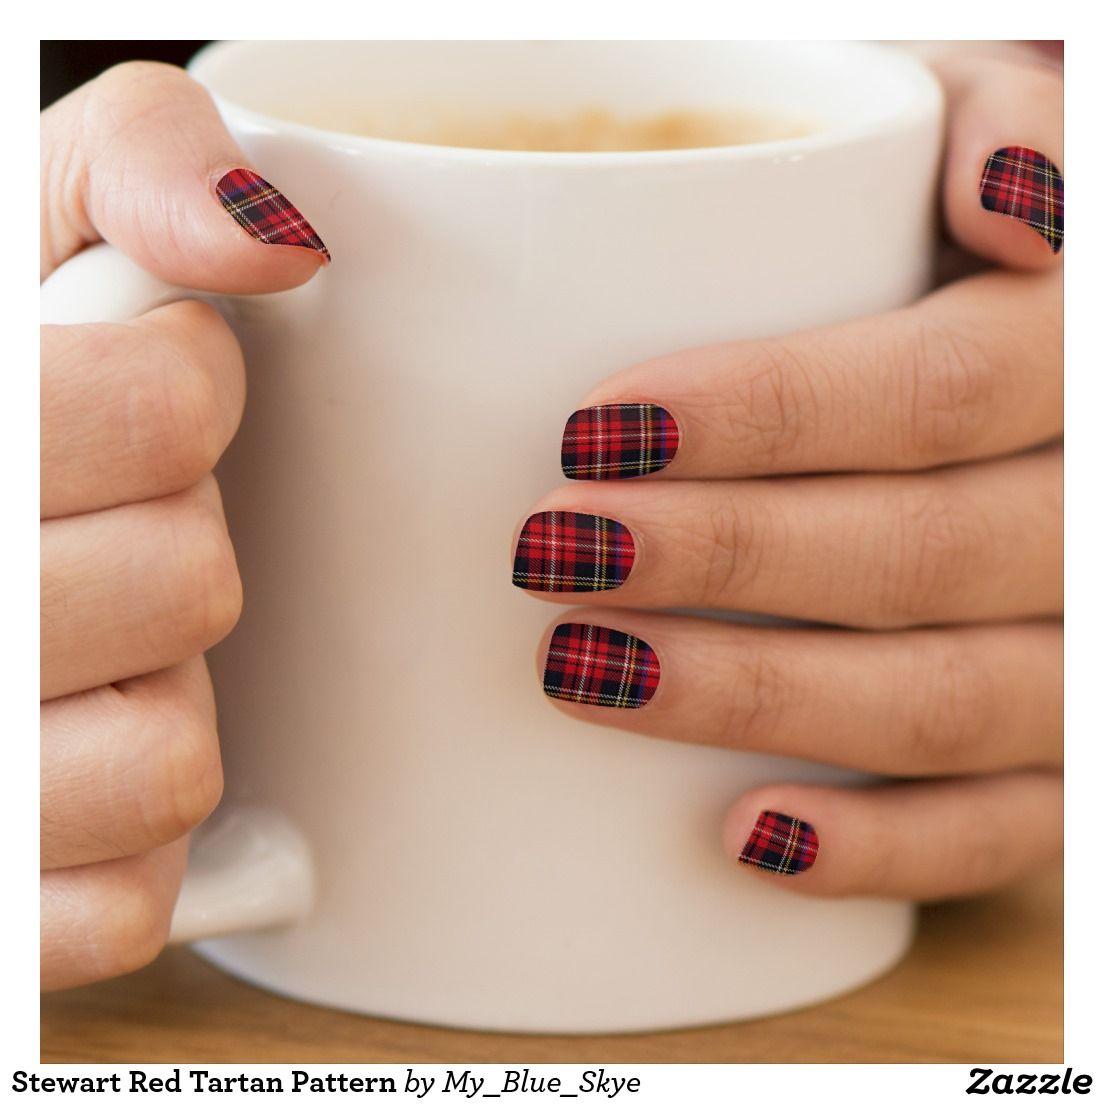 Stewart Red Tartan Pattern Minx Nail Art | Tartan pattern, Minx ...